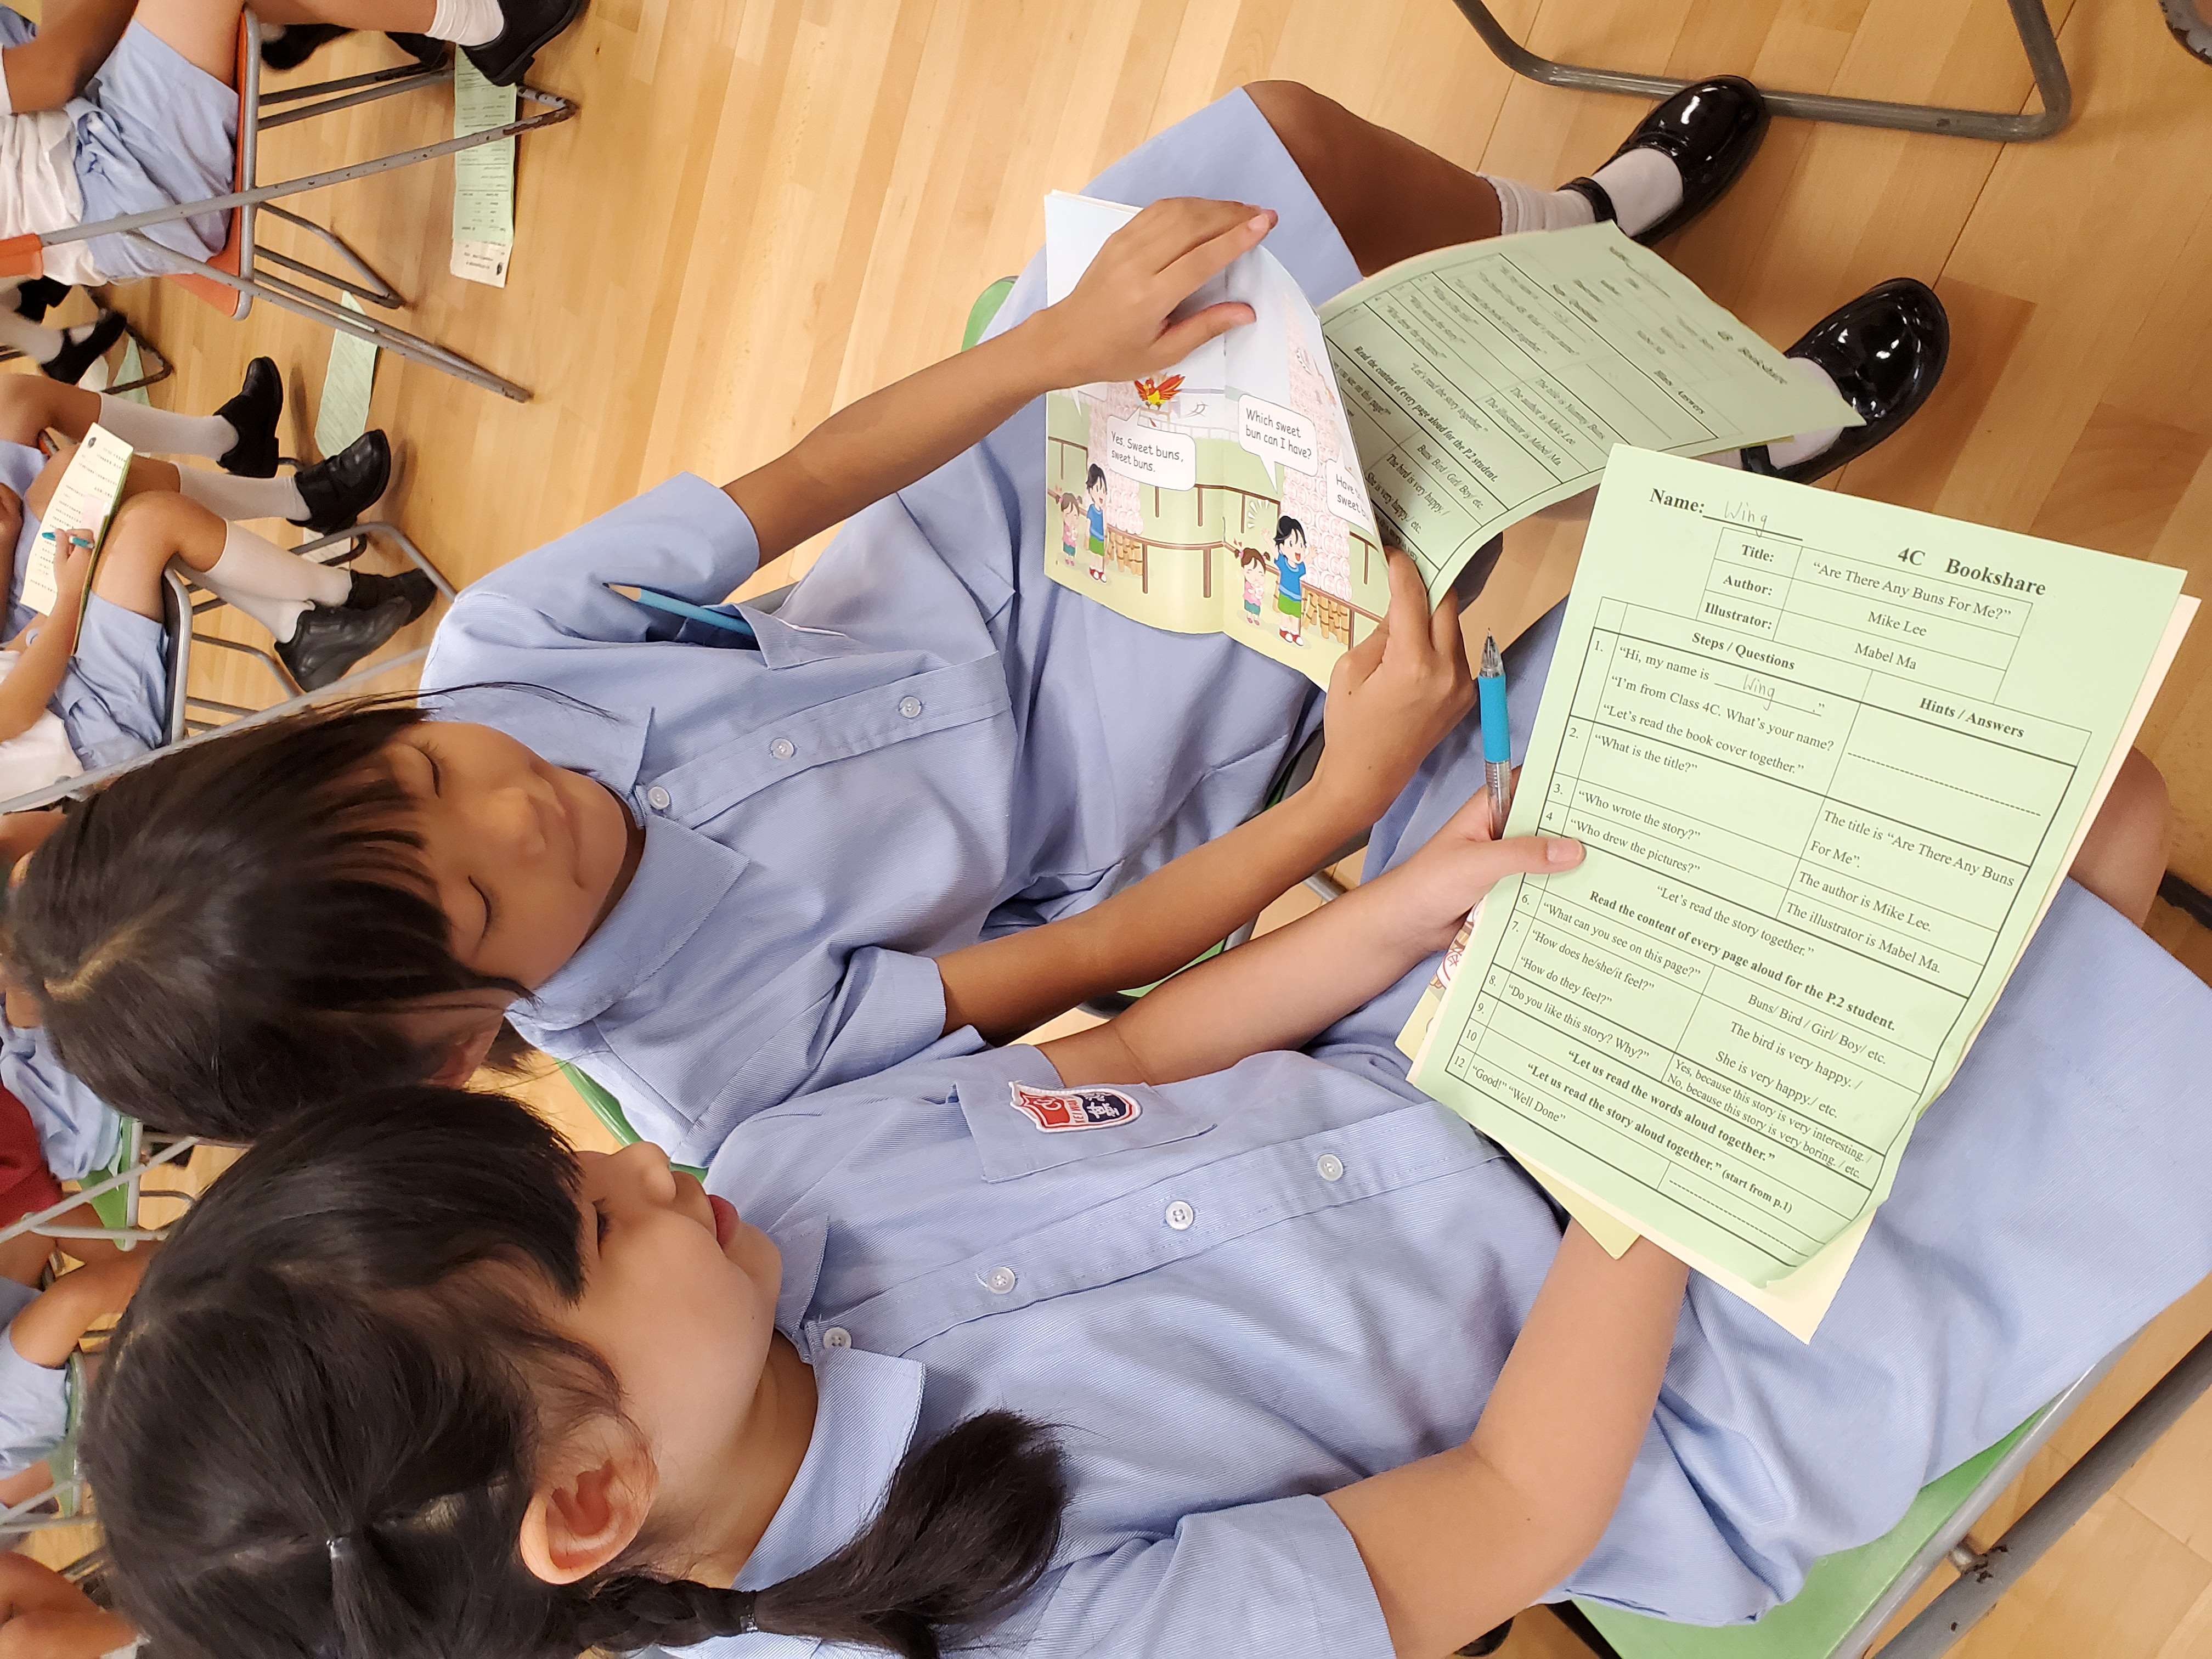 http://www.keiwan.edu.hk/sites/default/files/20191016_133024.jpg